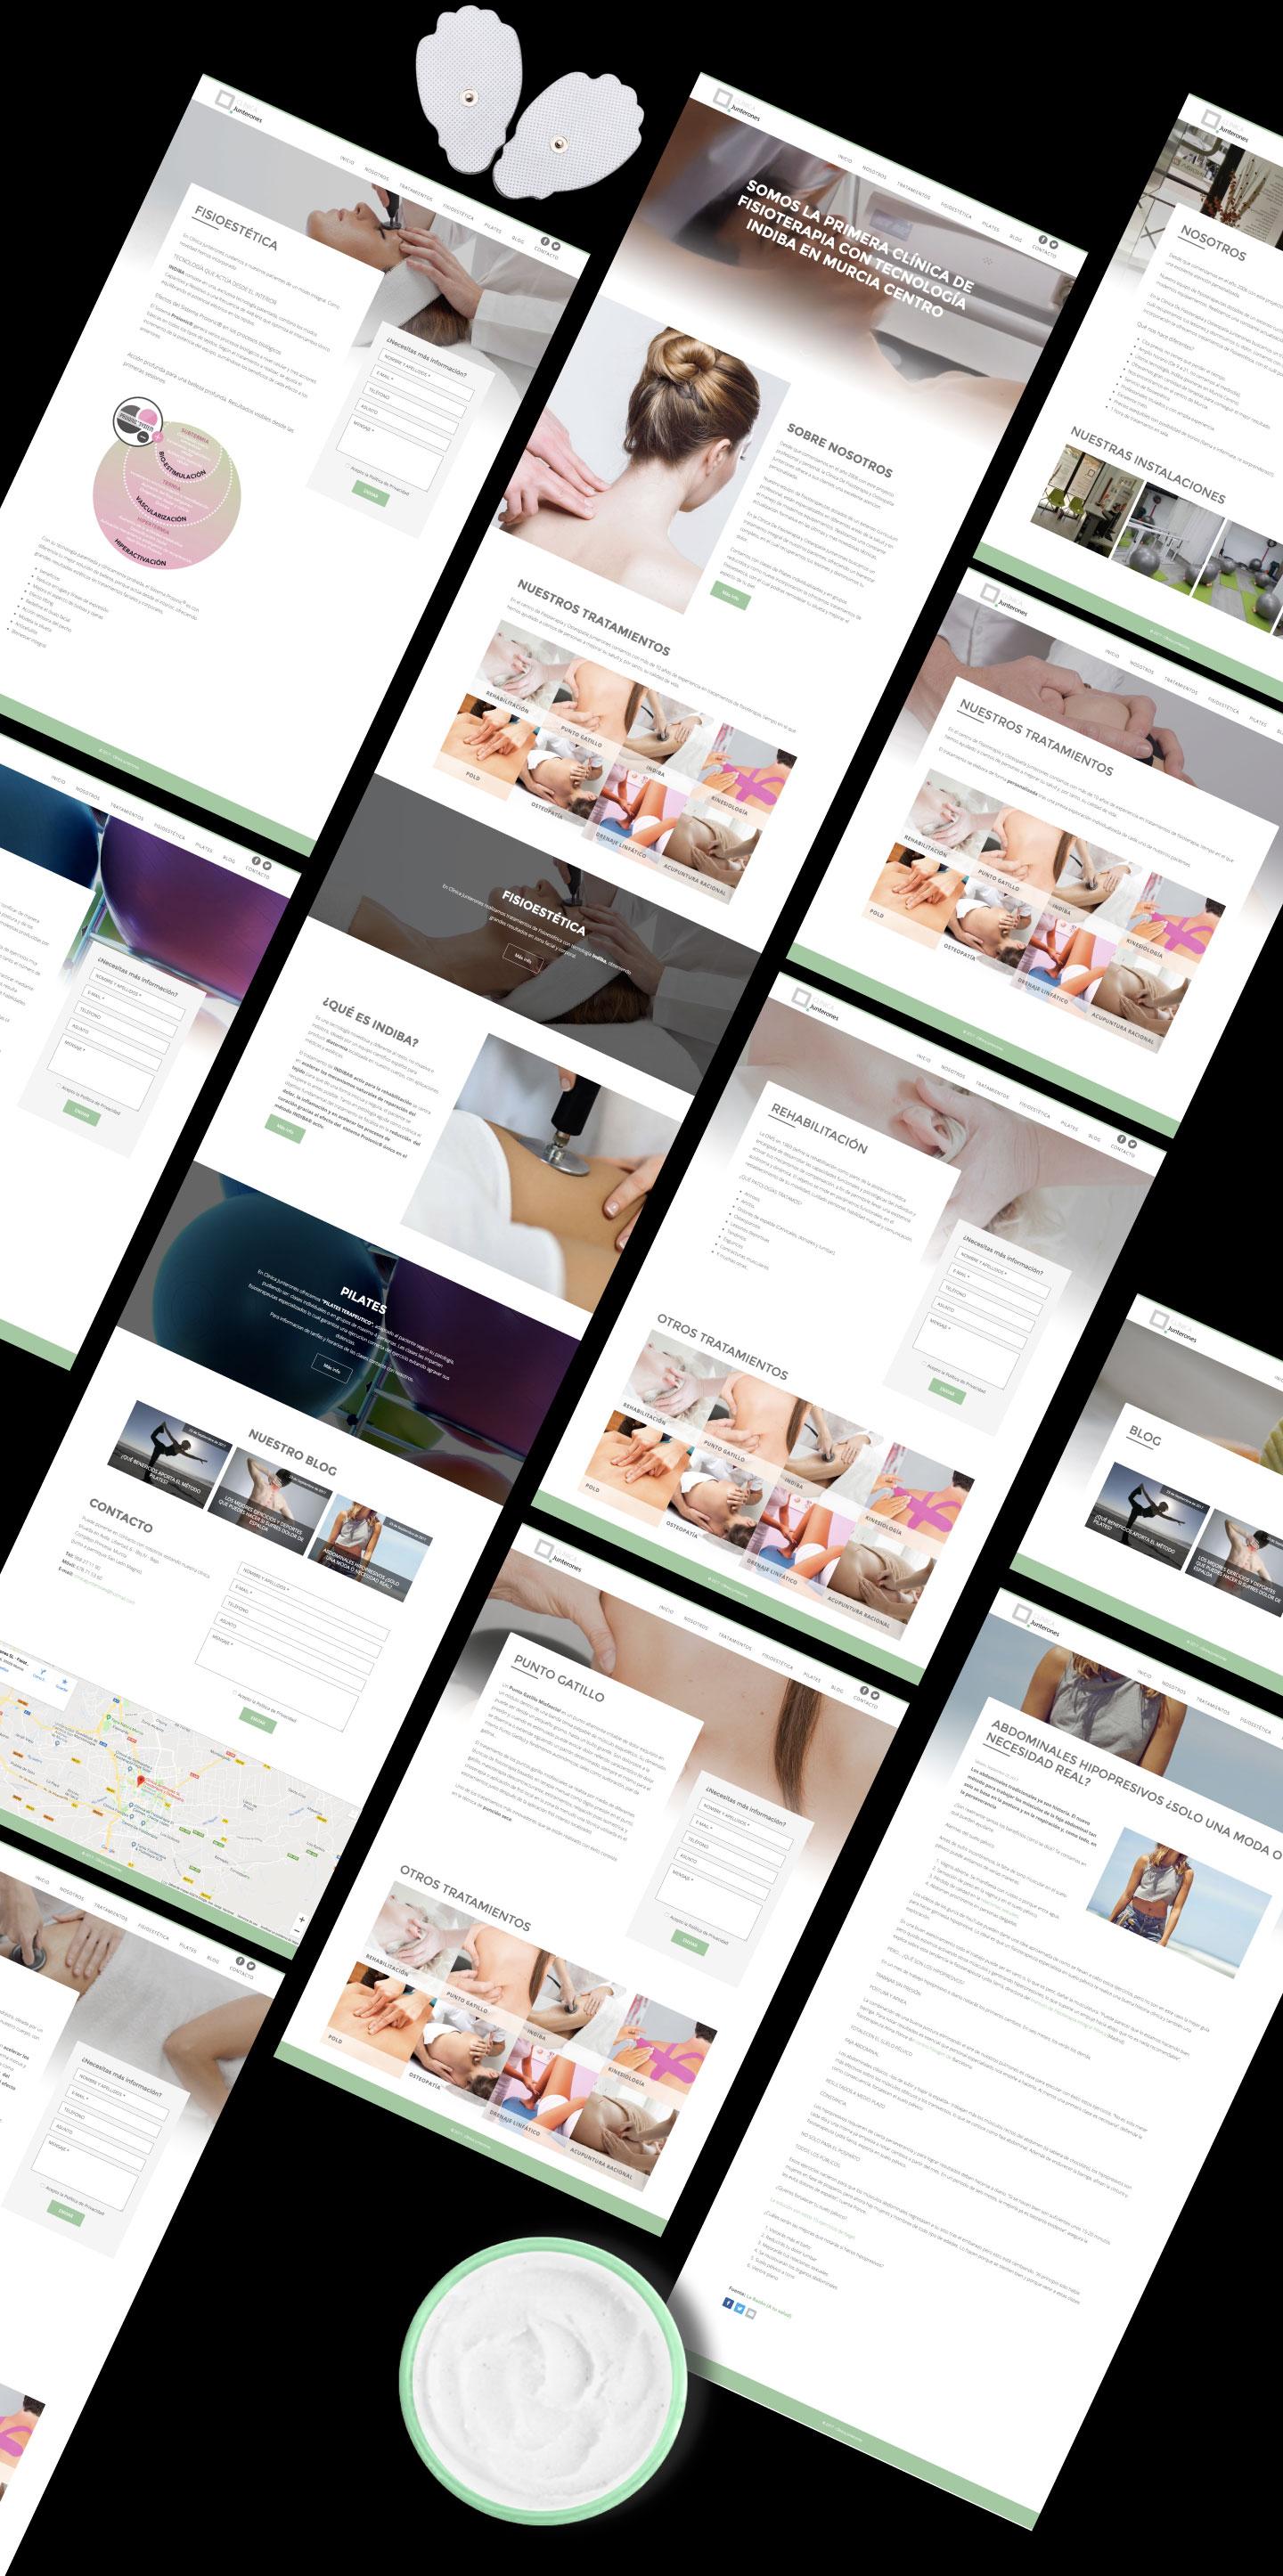 Estudio de diseño web para fisioterapeutas. Programador de páginas web freelance en Murcia, Madrid y Panamá City - PTY | Nómadas Comunicación Creativa